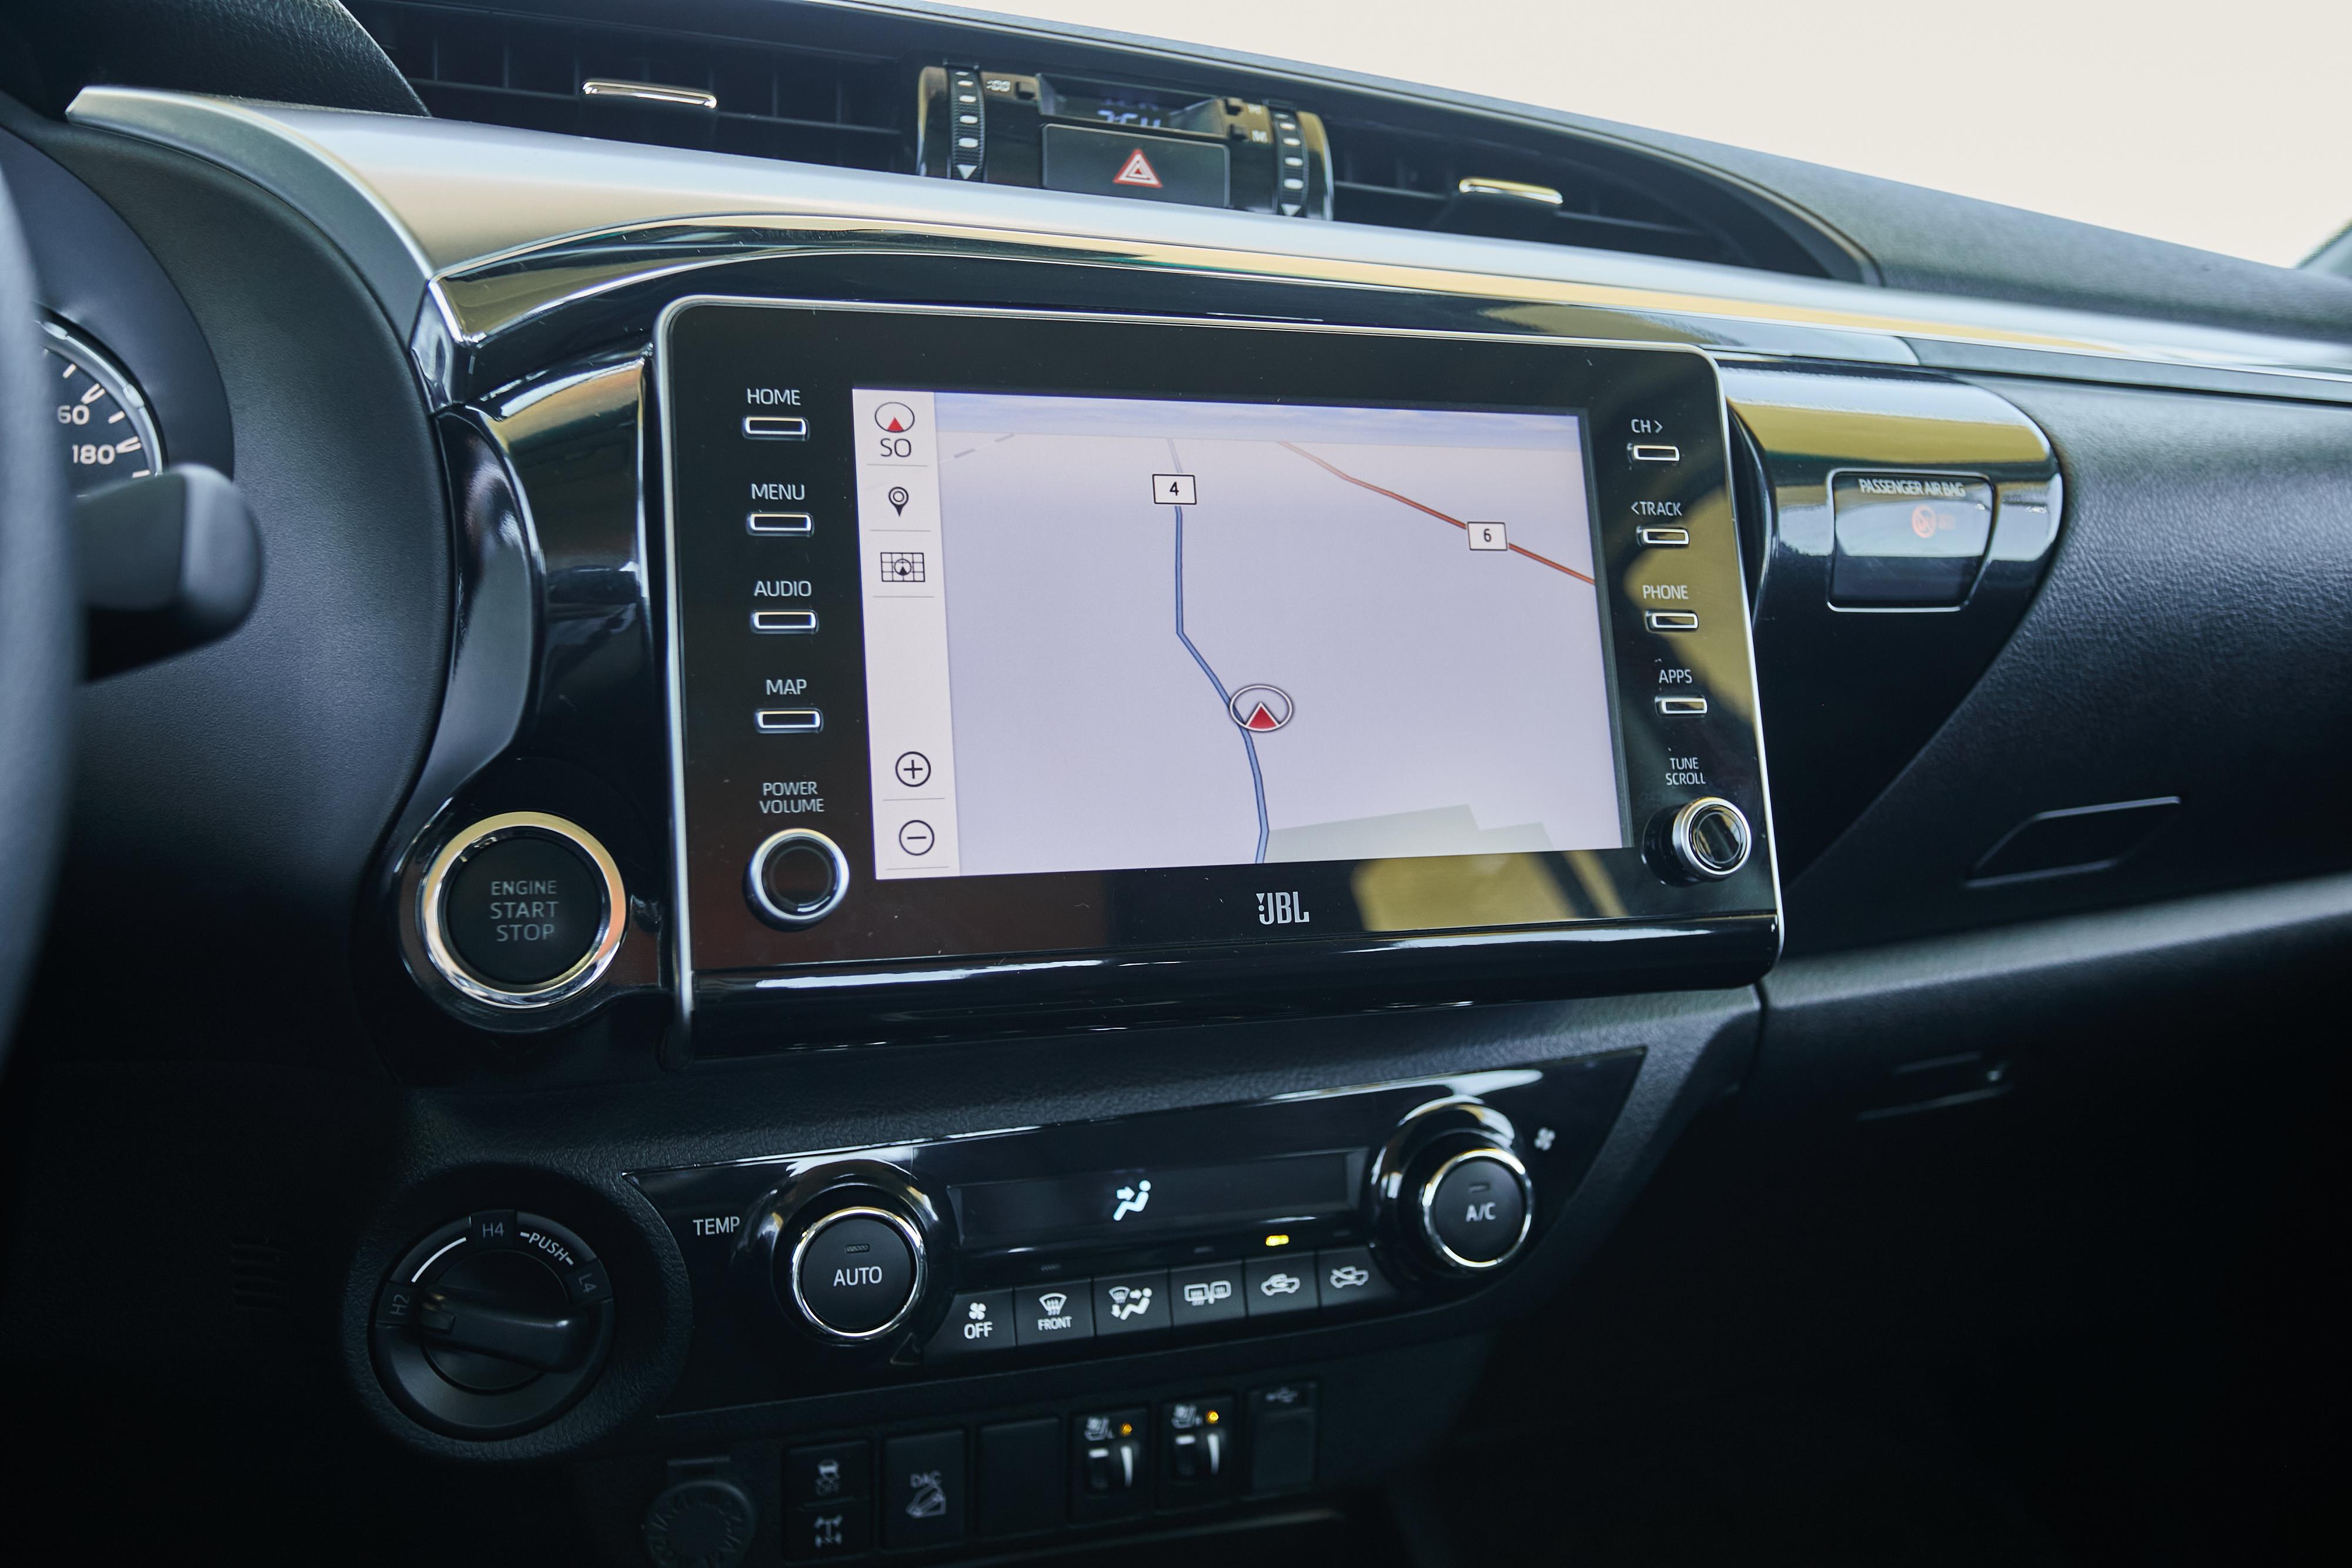 Central multimídia é compatível com sistemas Apple Carplay e Android Auto, via cabo